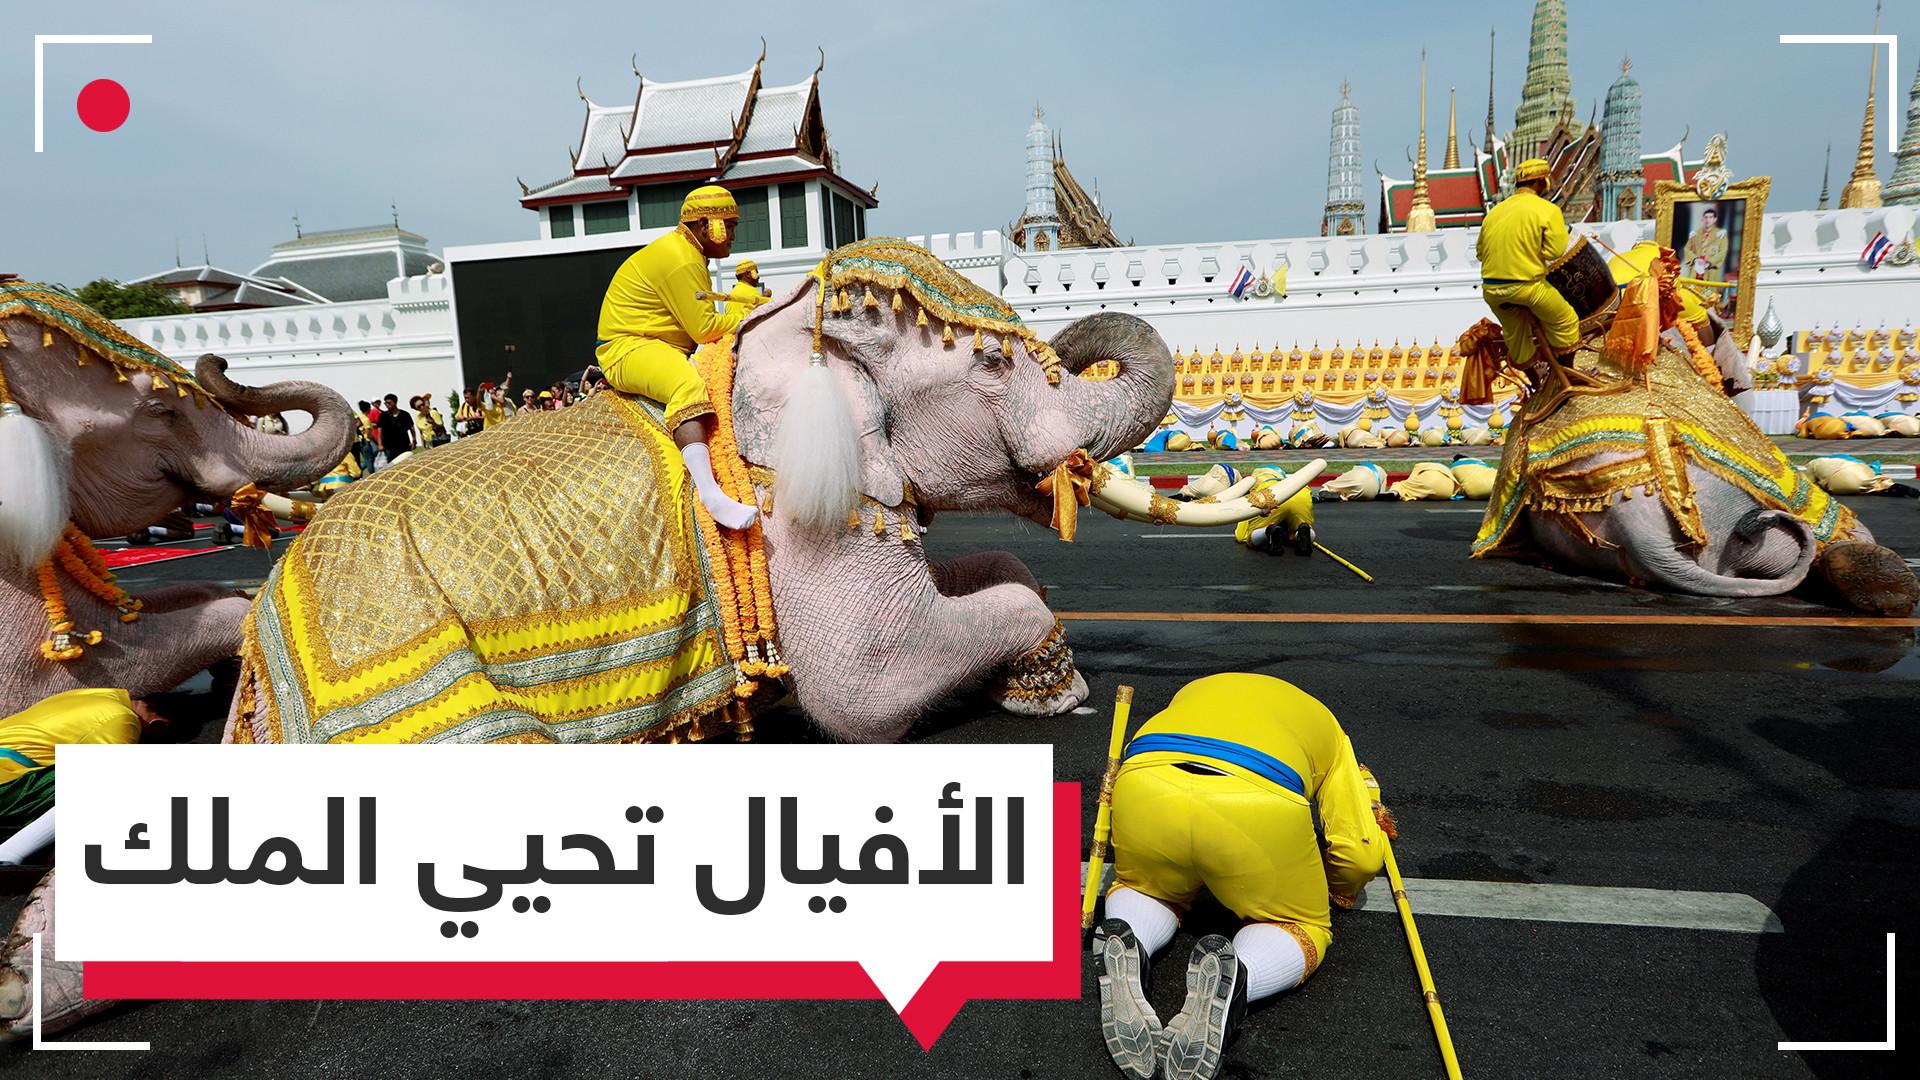 جثت أمام صورته.. أفيال في مسيرة مذهلة تحية لملك تايلاند الجديد